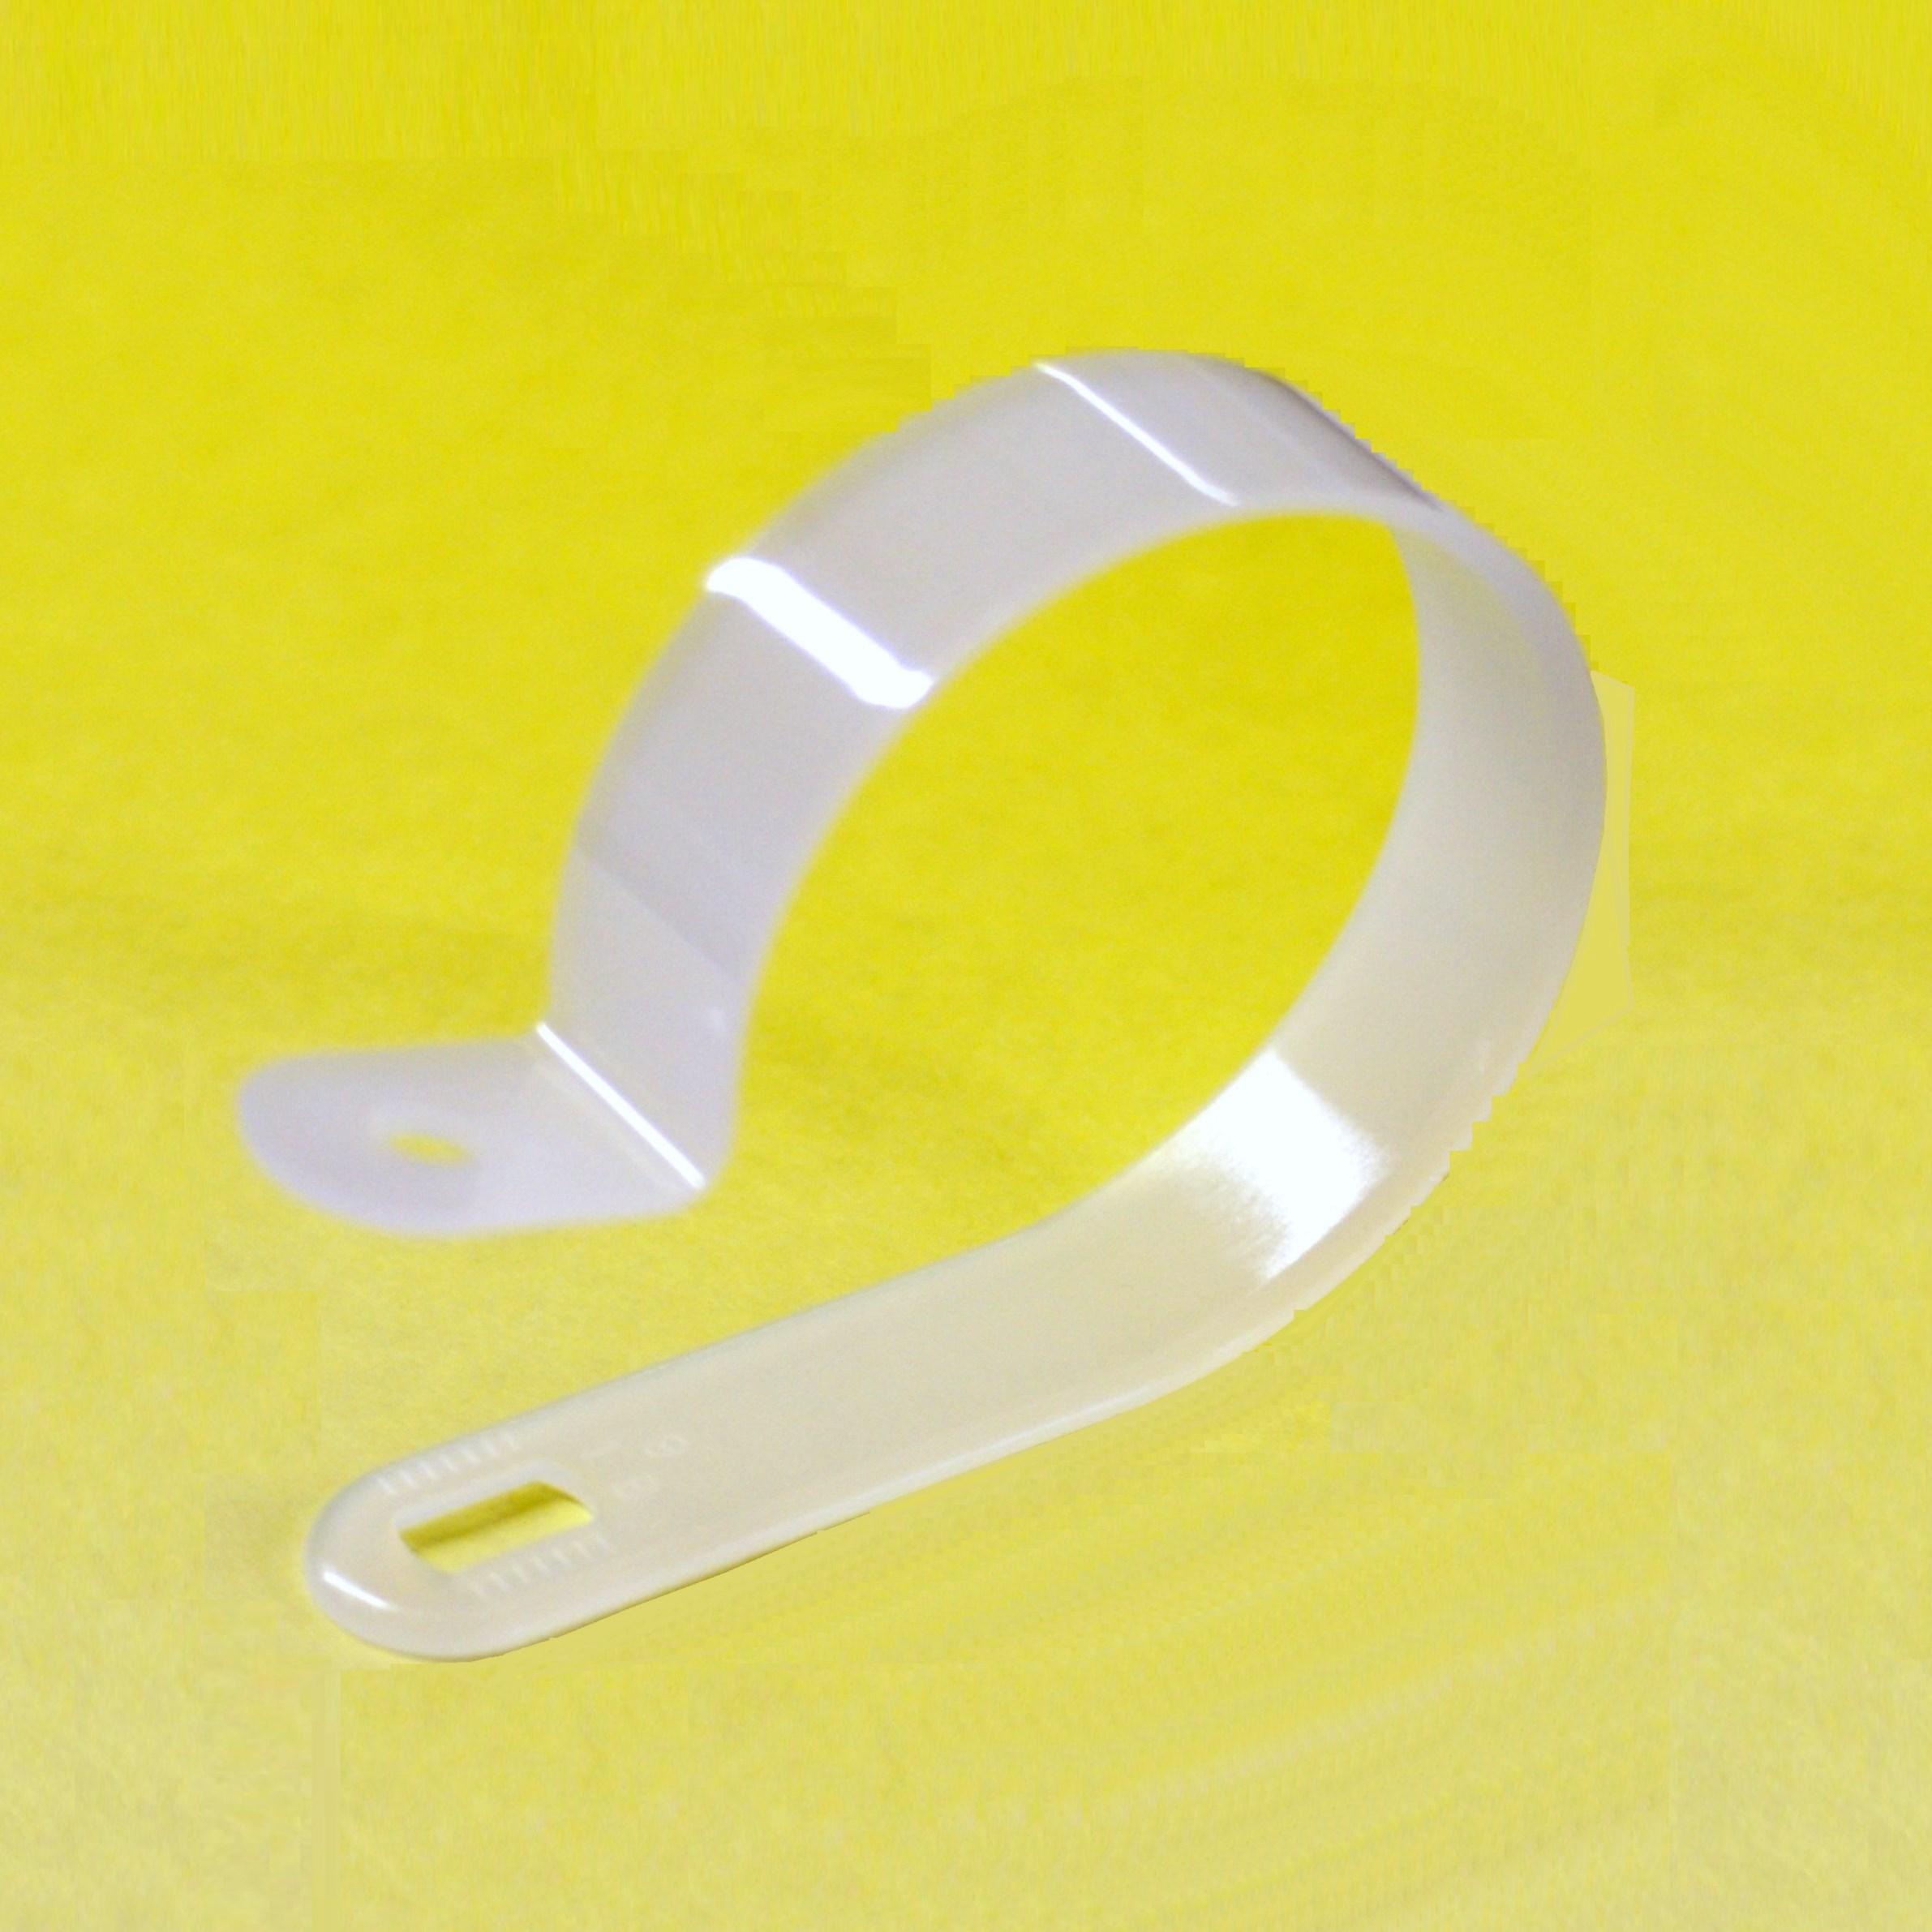 kunststoff wei nylon p clips f r aufh ngung kabel dr hte verschiedene gr en ebay. Black Bedroom Furniture Sets. Home Design Ideas